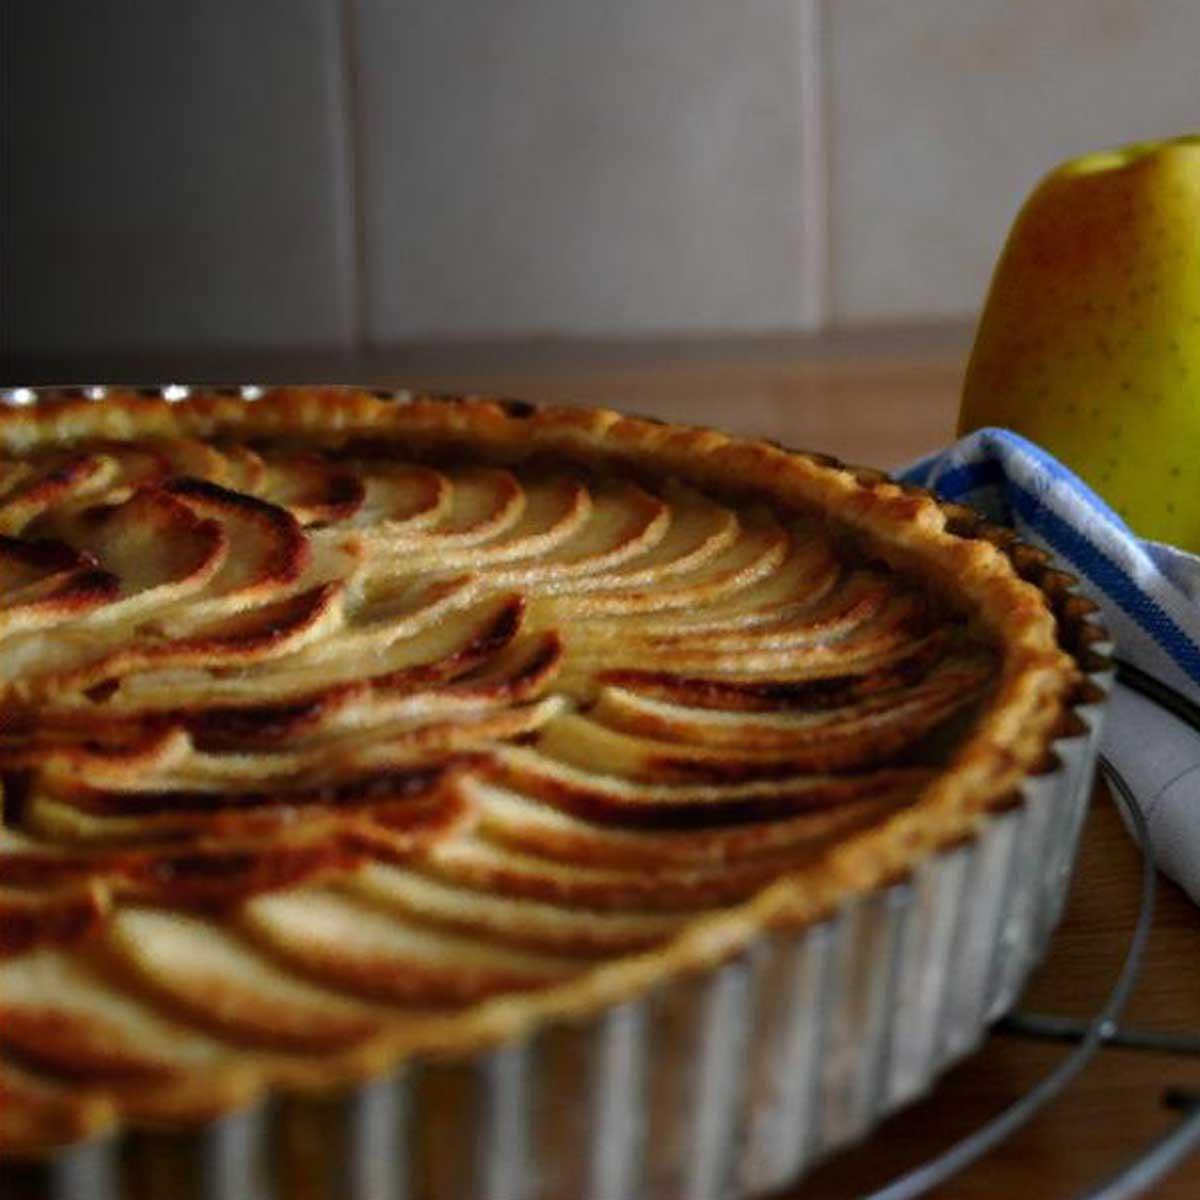 Recettes Tarte Aux Pommes: Recette Tarte Aux Pommes